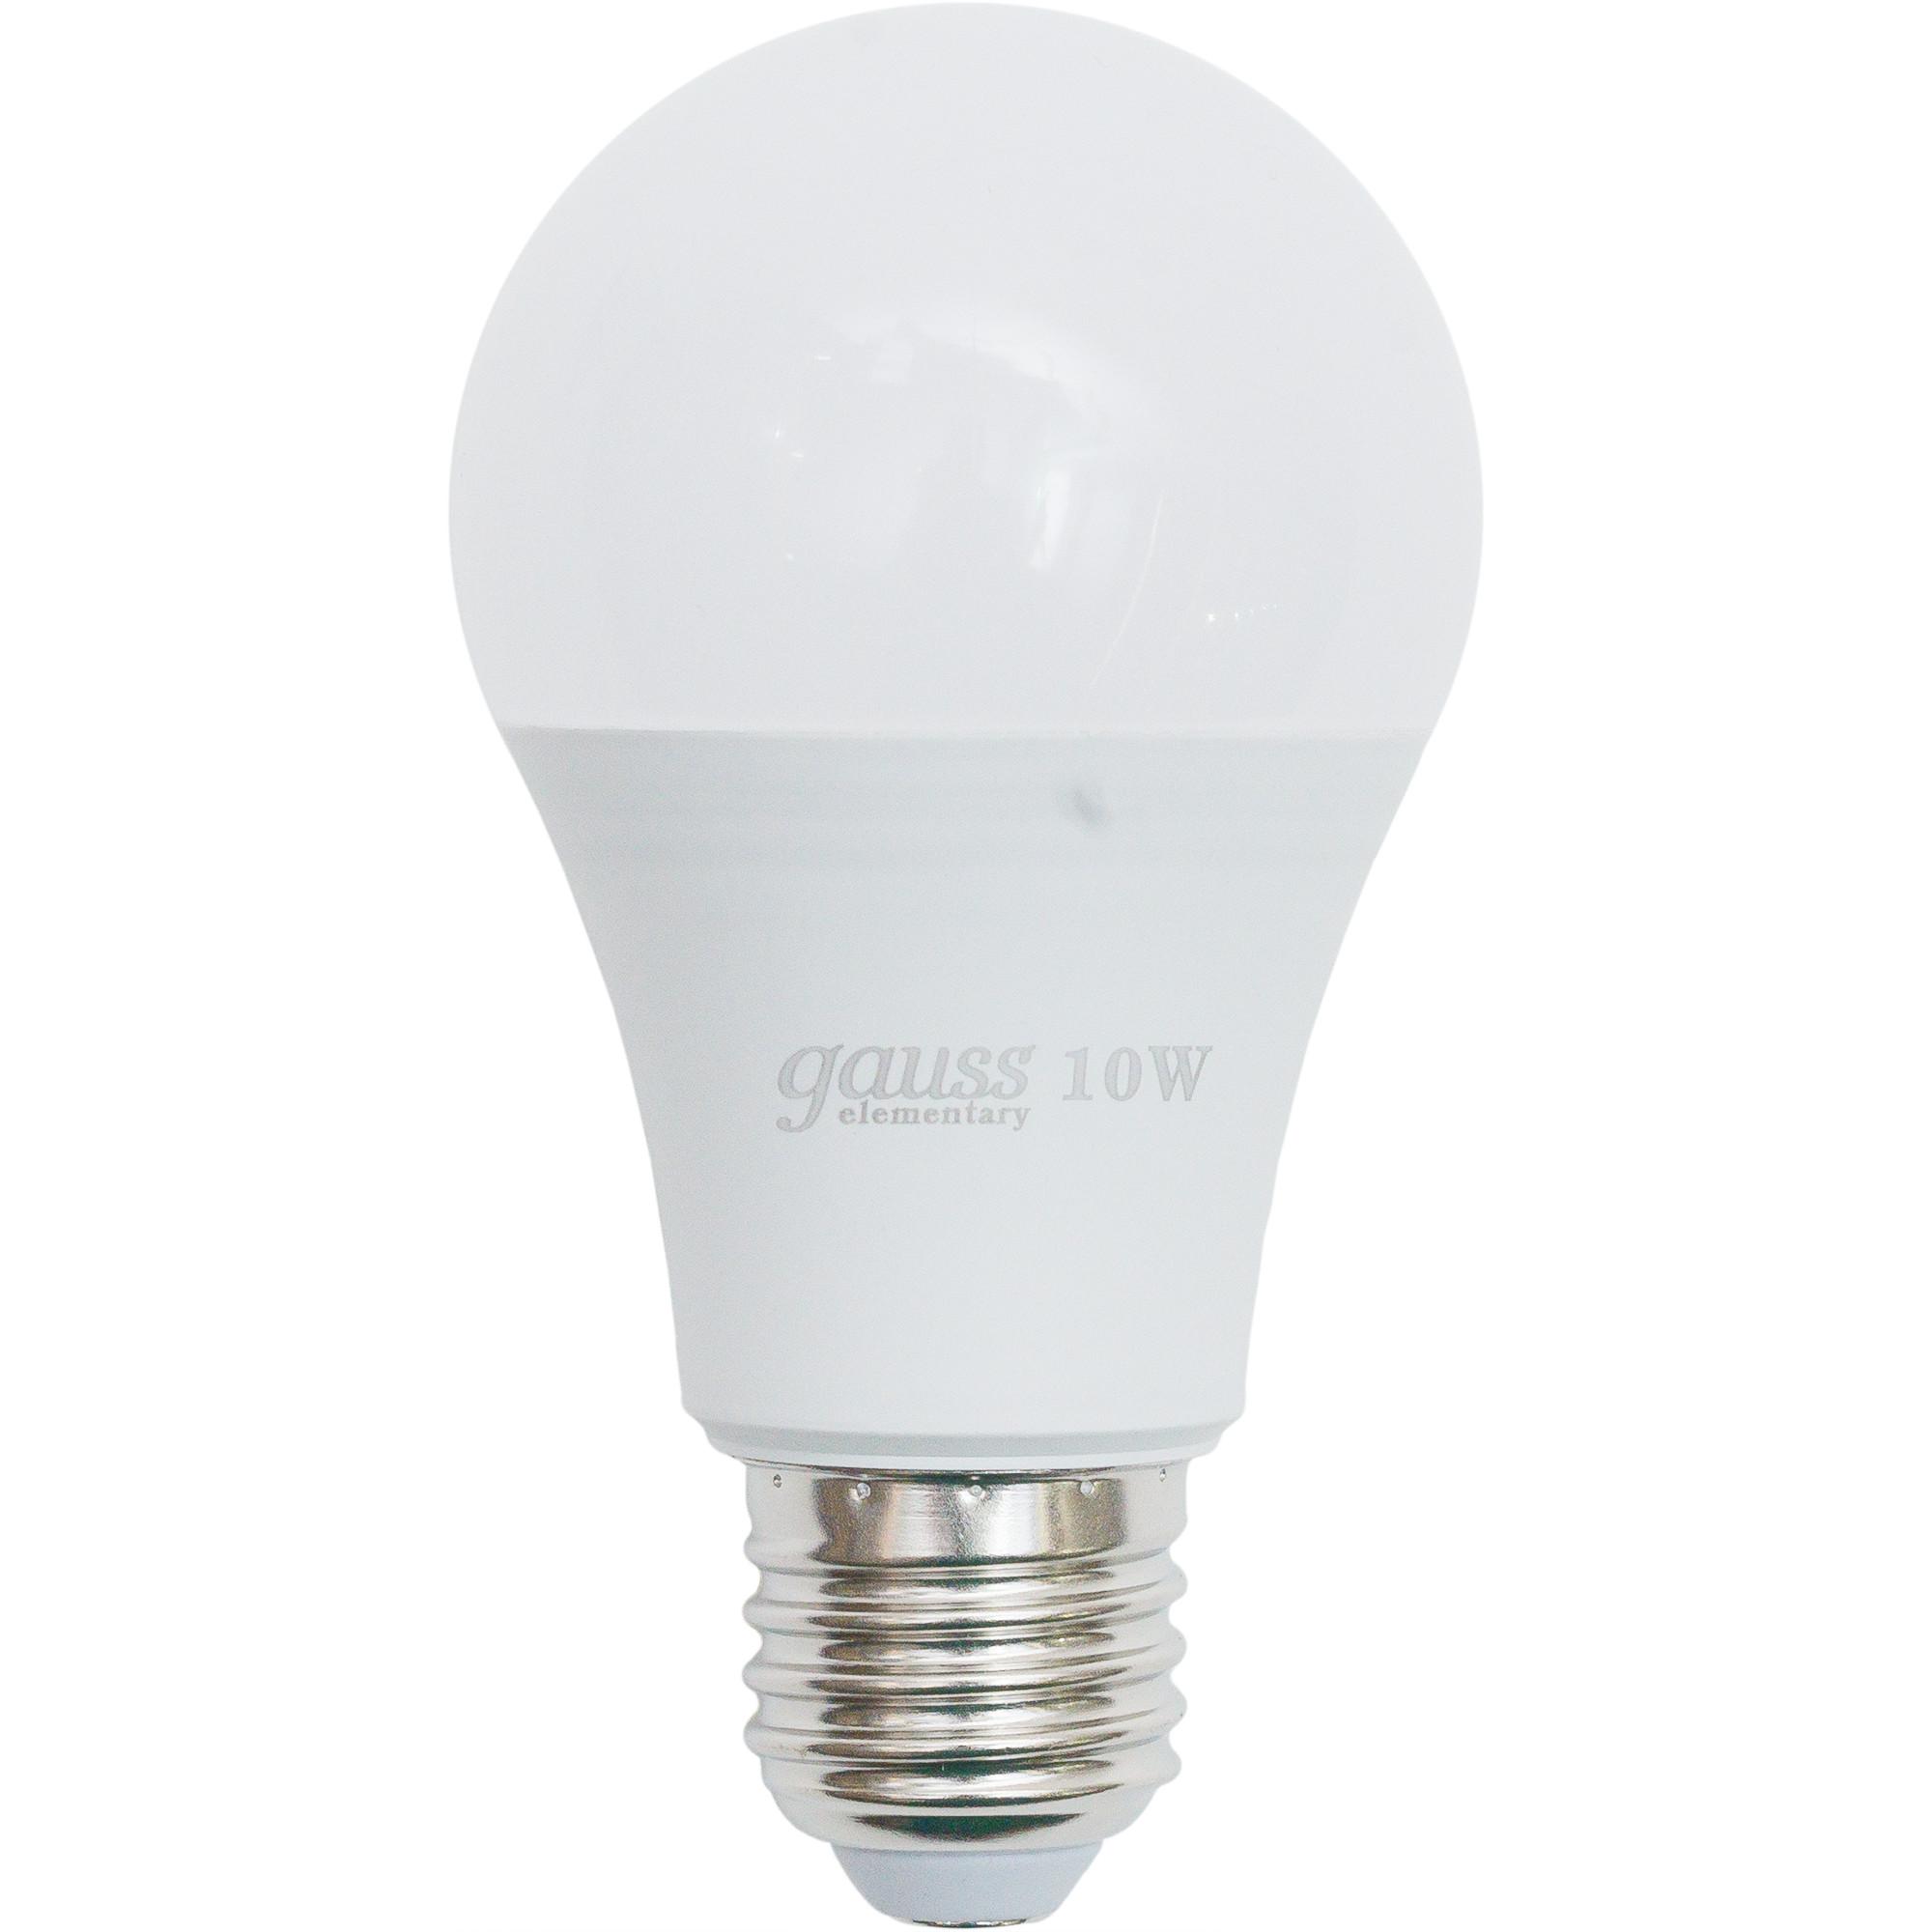 Лампа светодиодная Elementary E27 220 В 10 Вт груша матовая 920 лм нейтральный белый свет